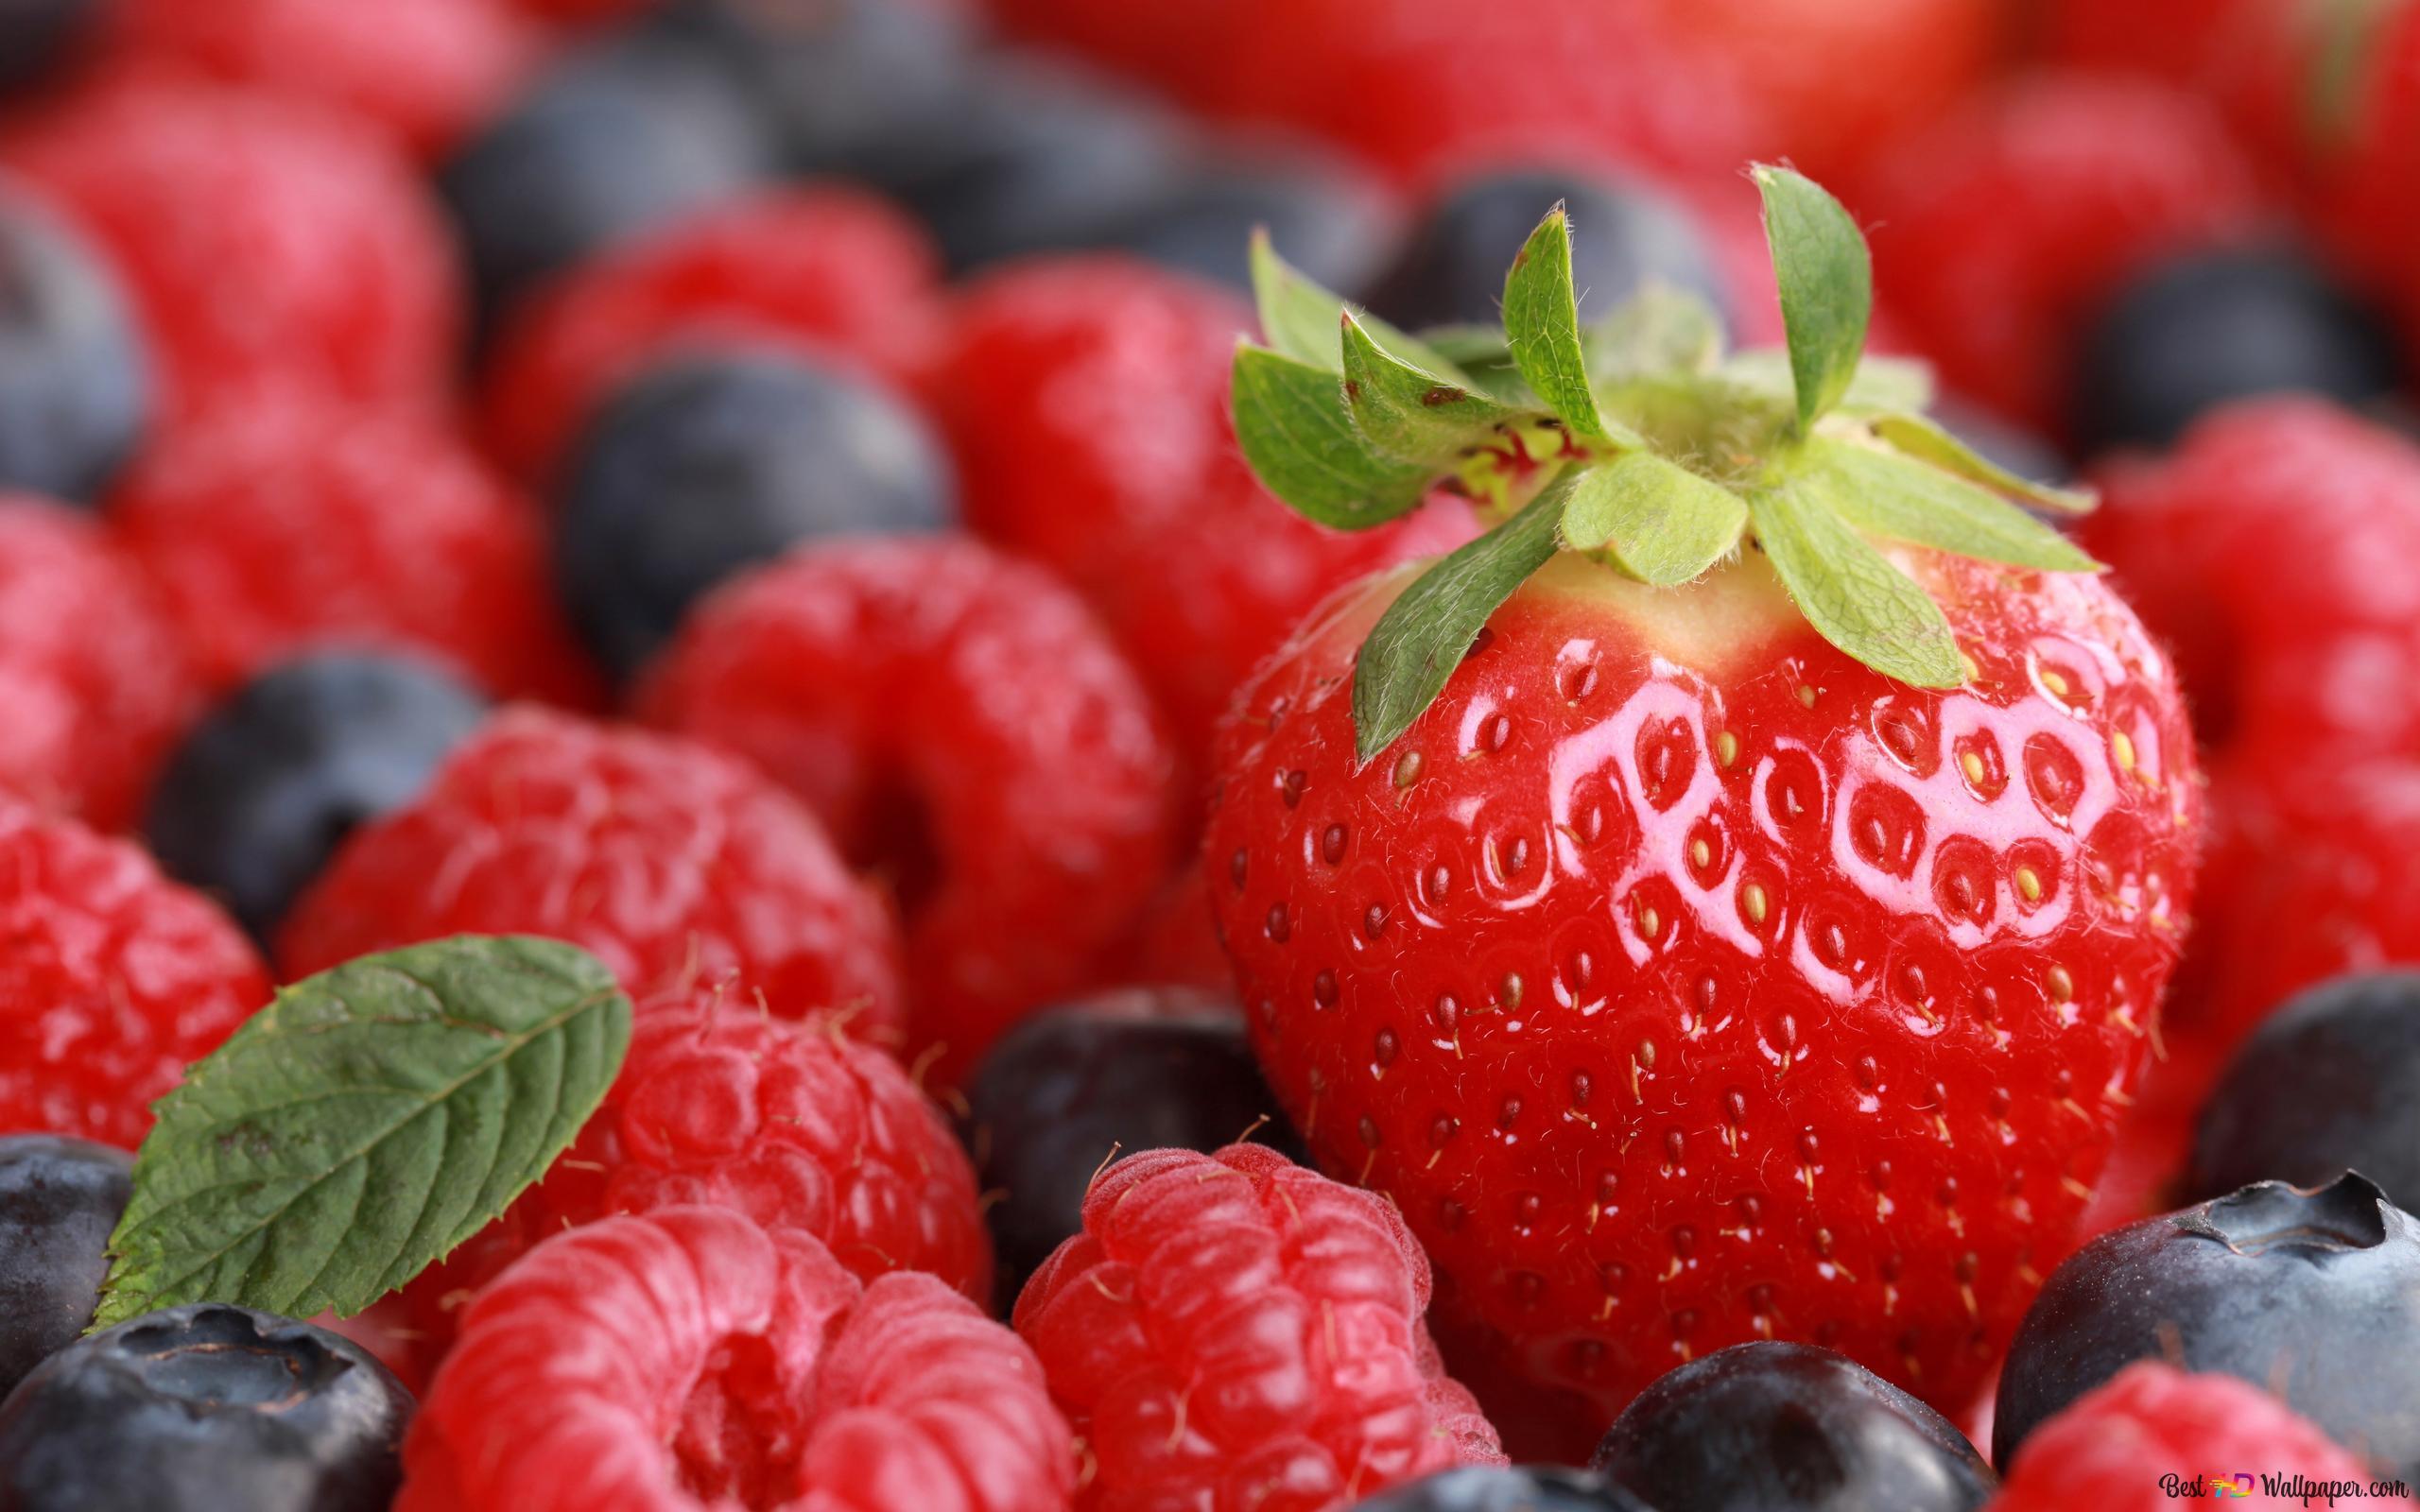 いちごとブルーベリーの果実 Hd壁紙のダウンロード